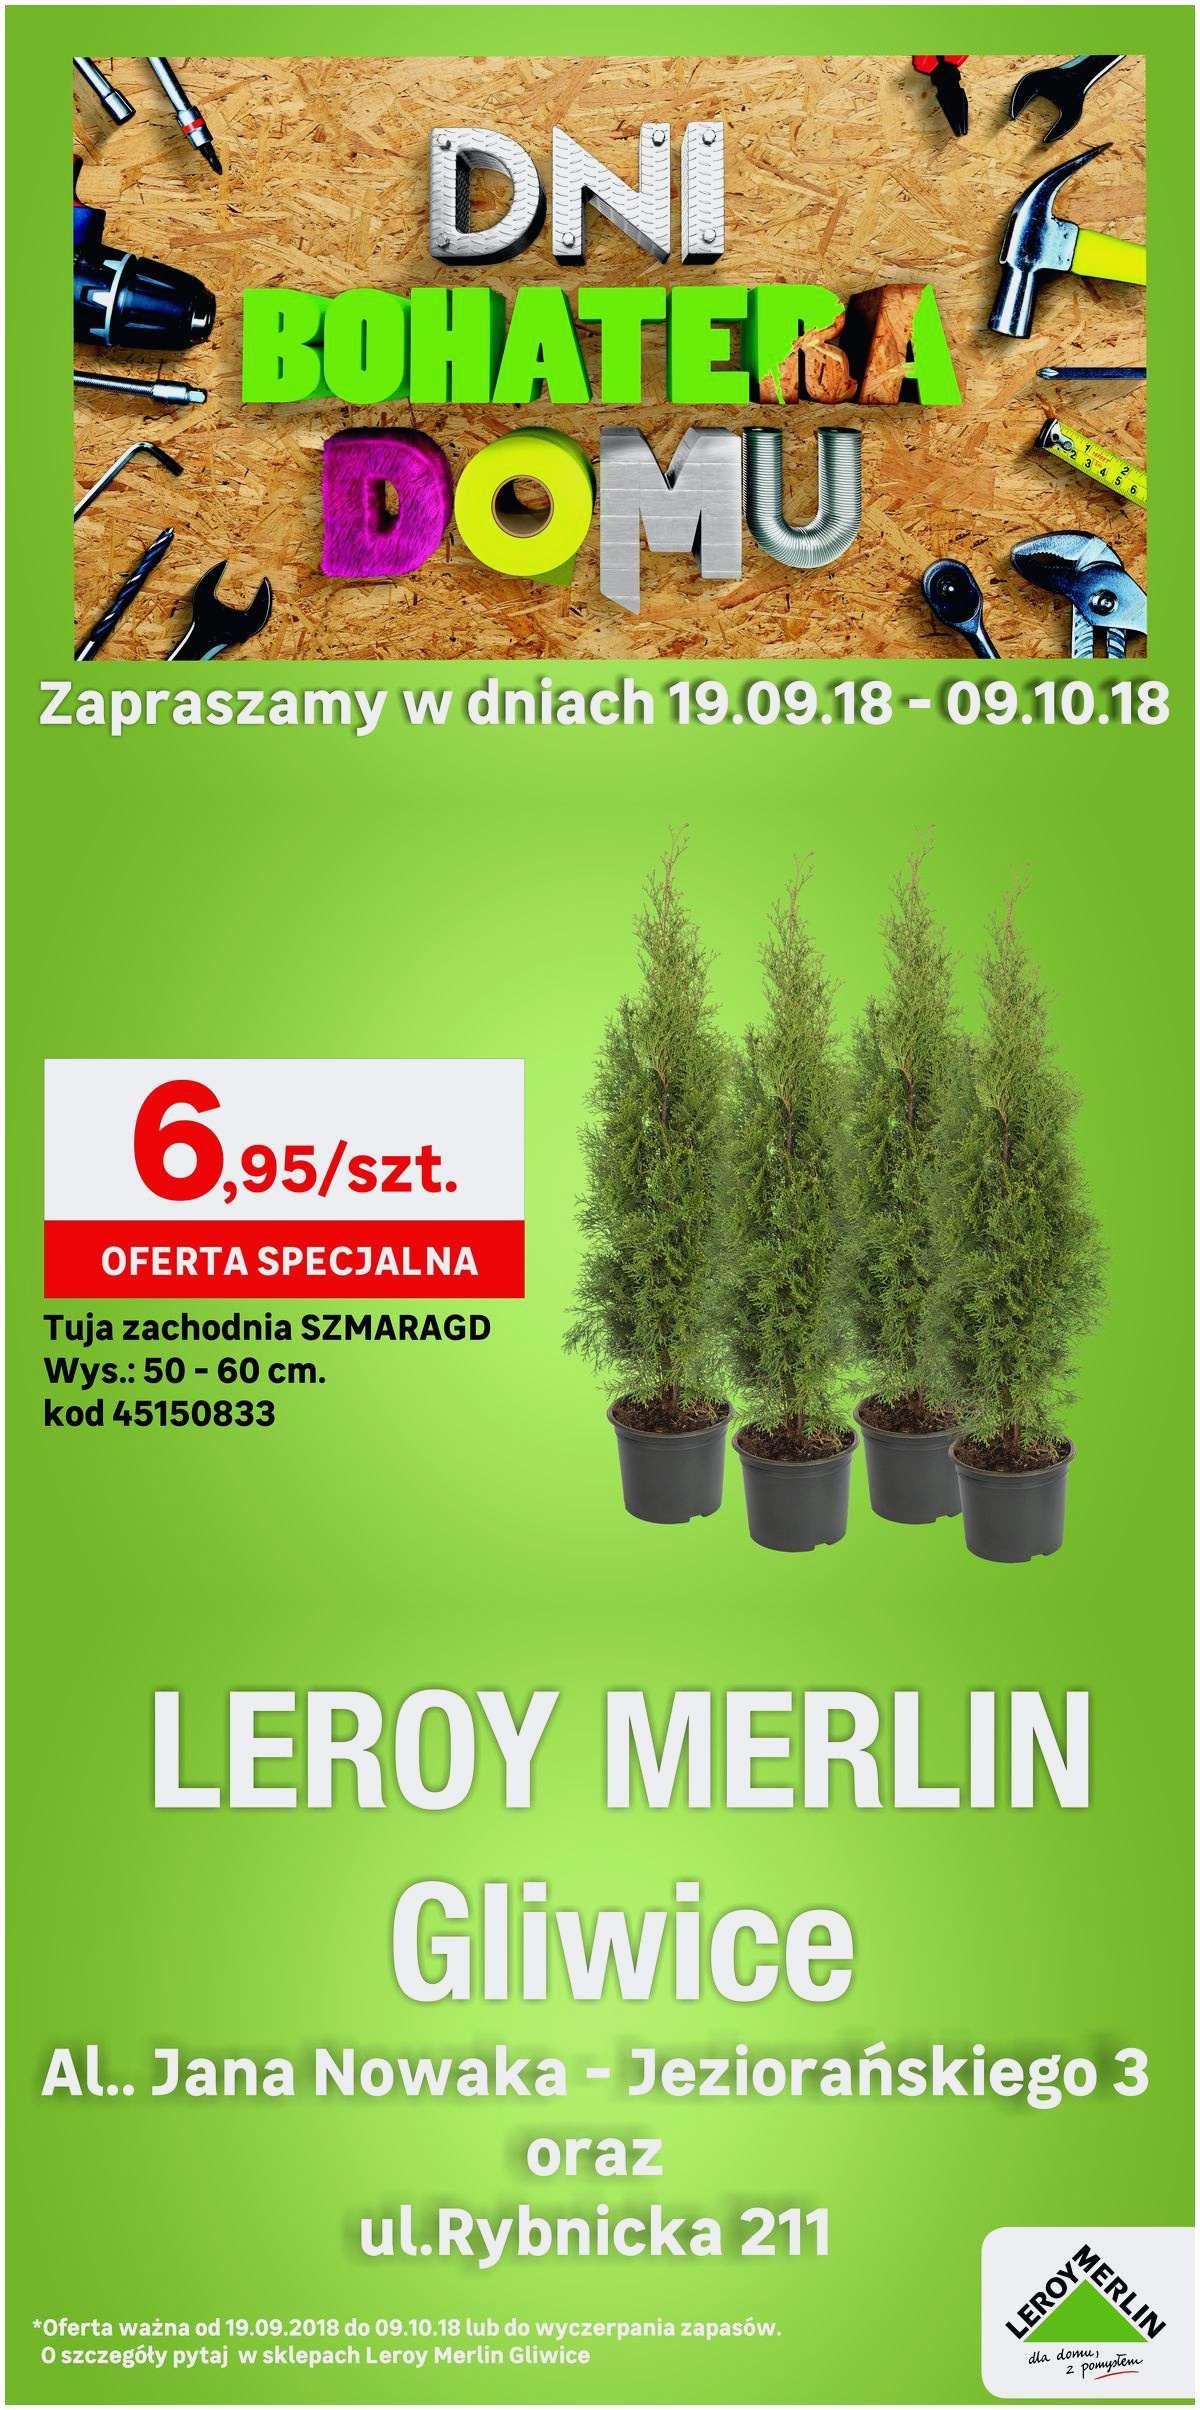 Stickers Tete De Lit Leroy Merlin Frais Beau Leroy Merlin Vinaros Stickers Tete De Lit Leroy Merlin Unique